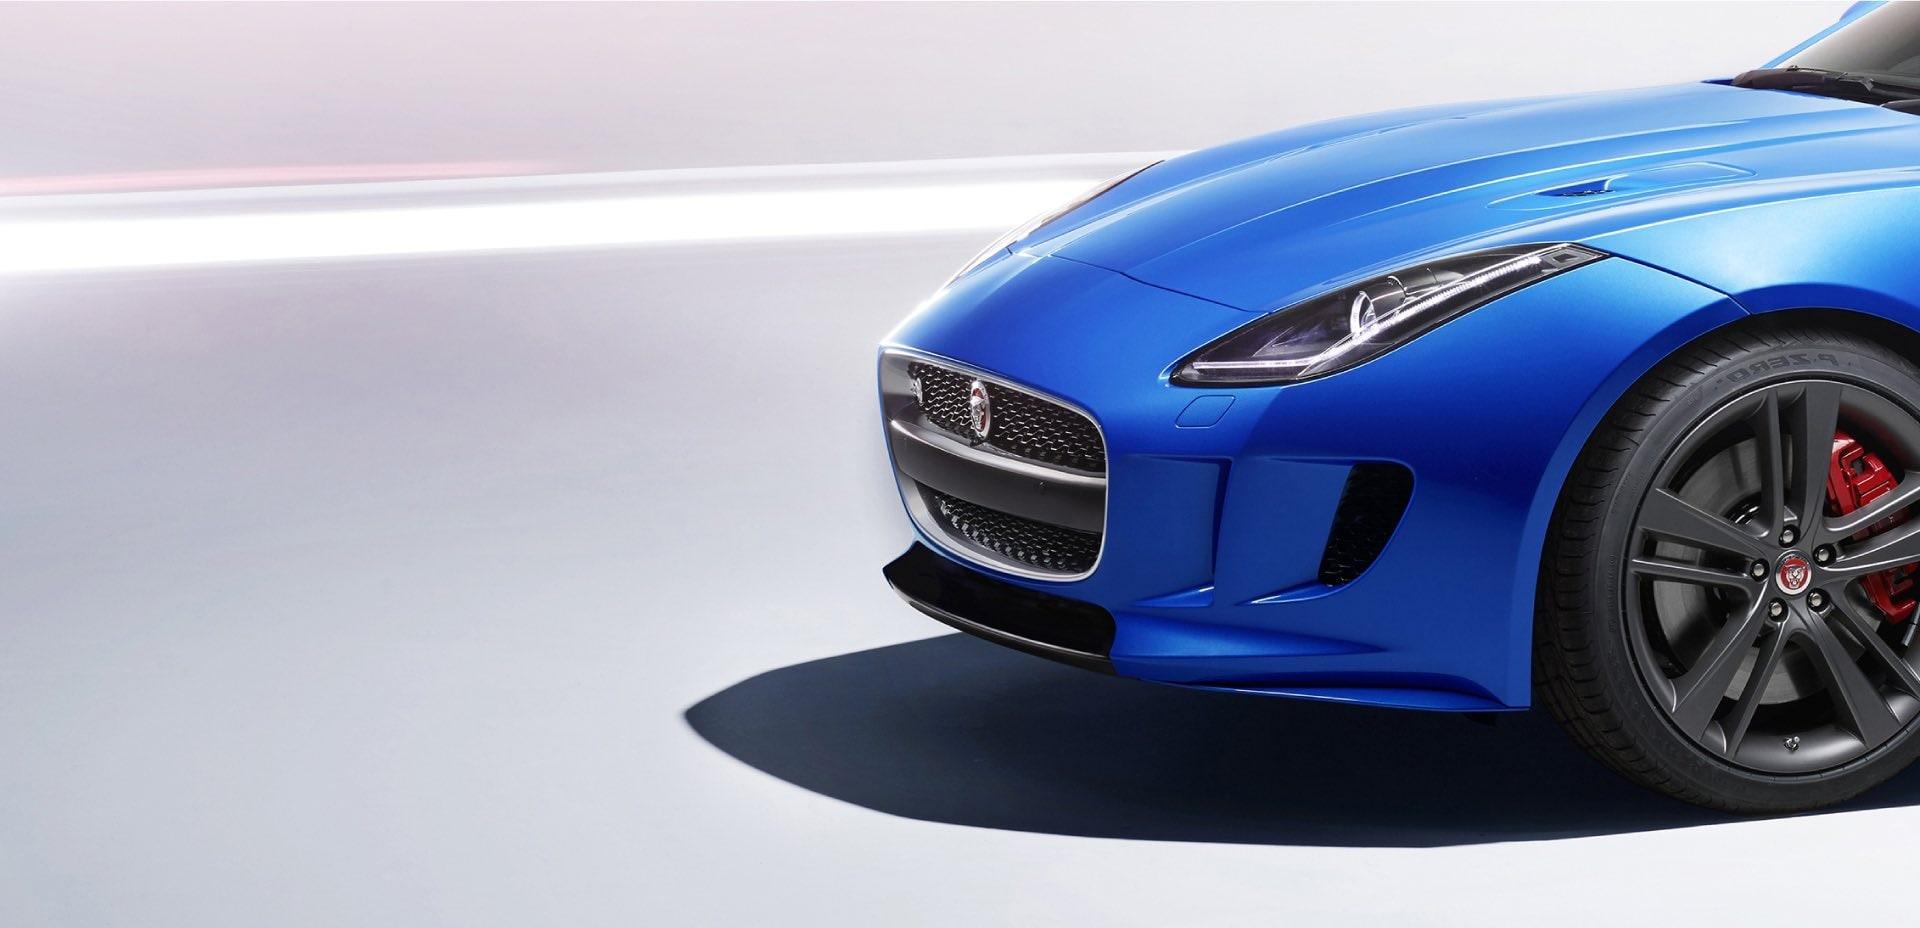 Jaguar Landrover approved service centre